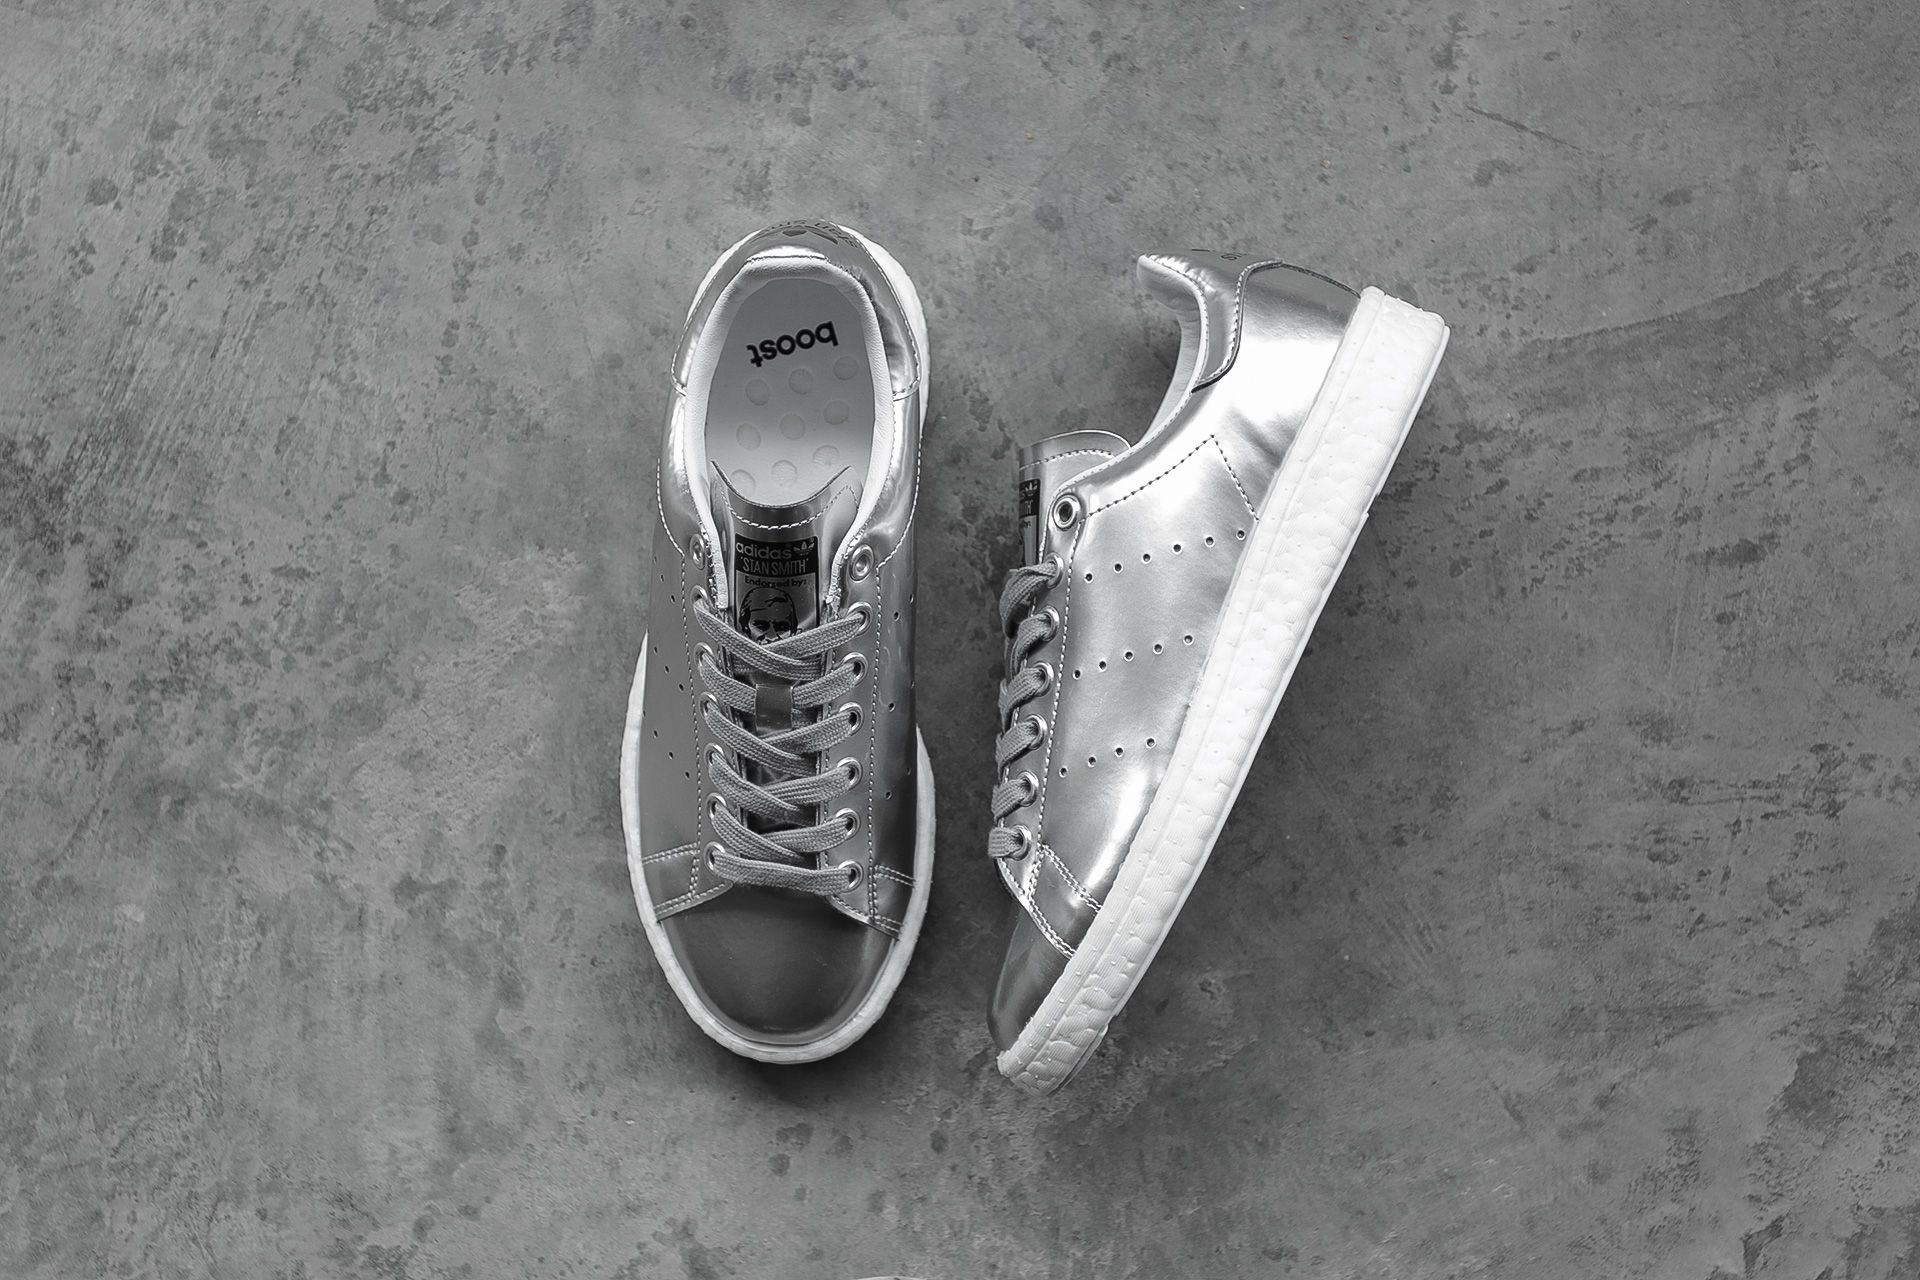 f8a64d144bf3 Купить серебряные женские кроссовки Stan Smith W от adidas Originals ...